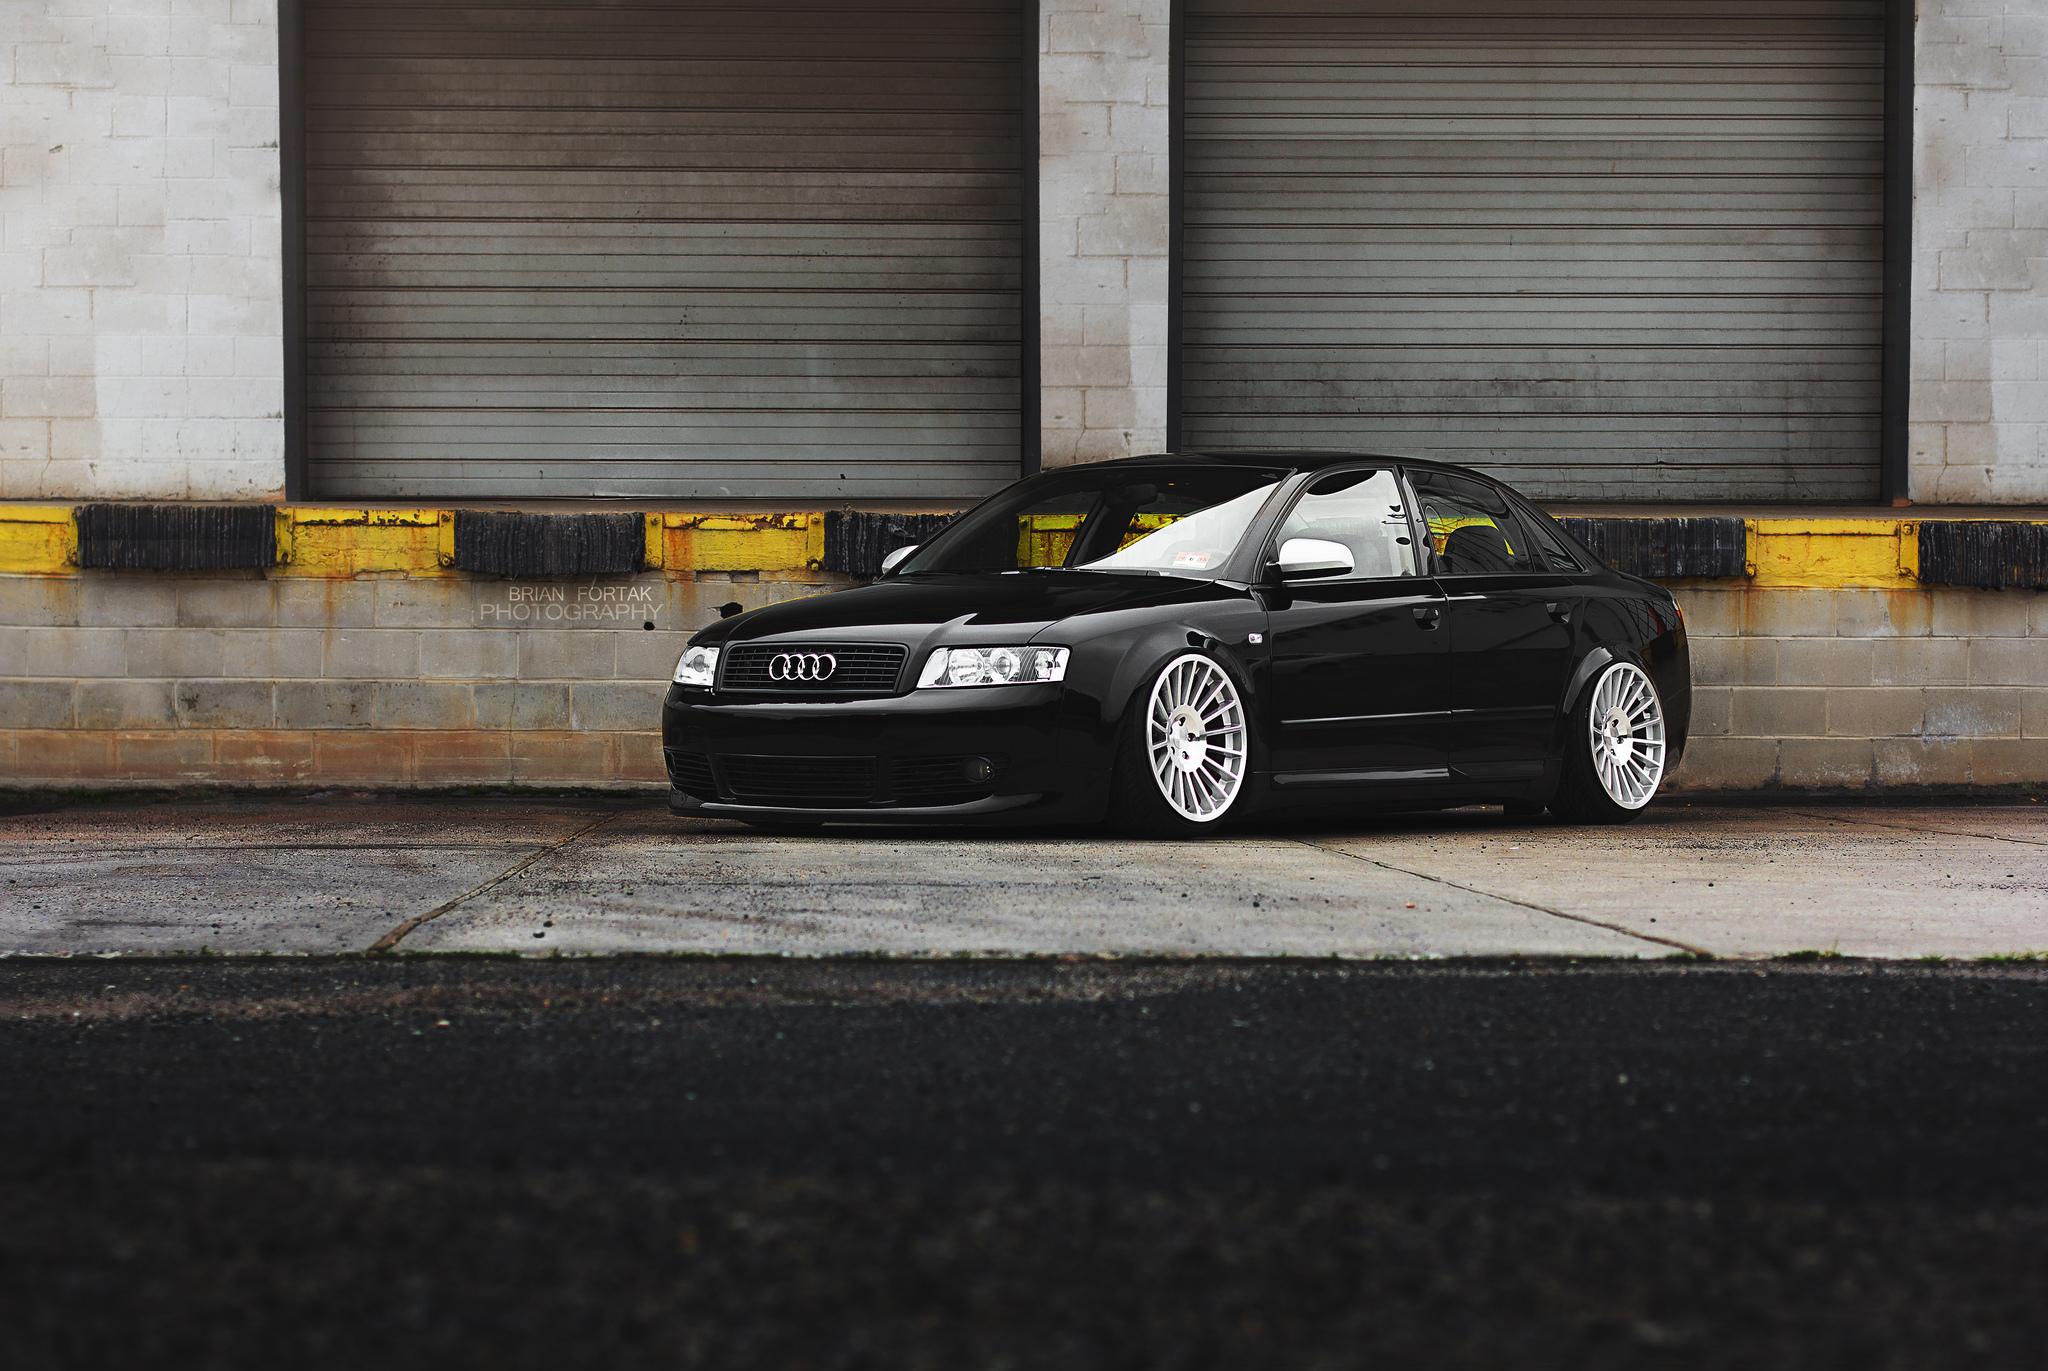 Audi A4 B6 Tuning 2 Tuning